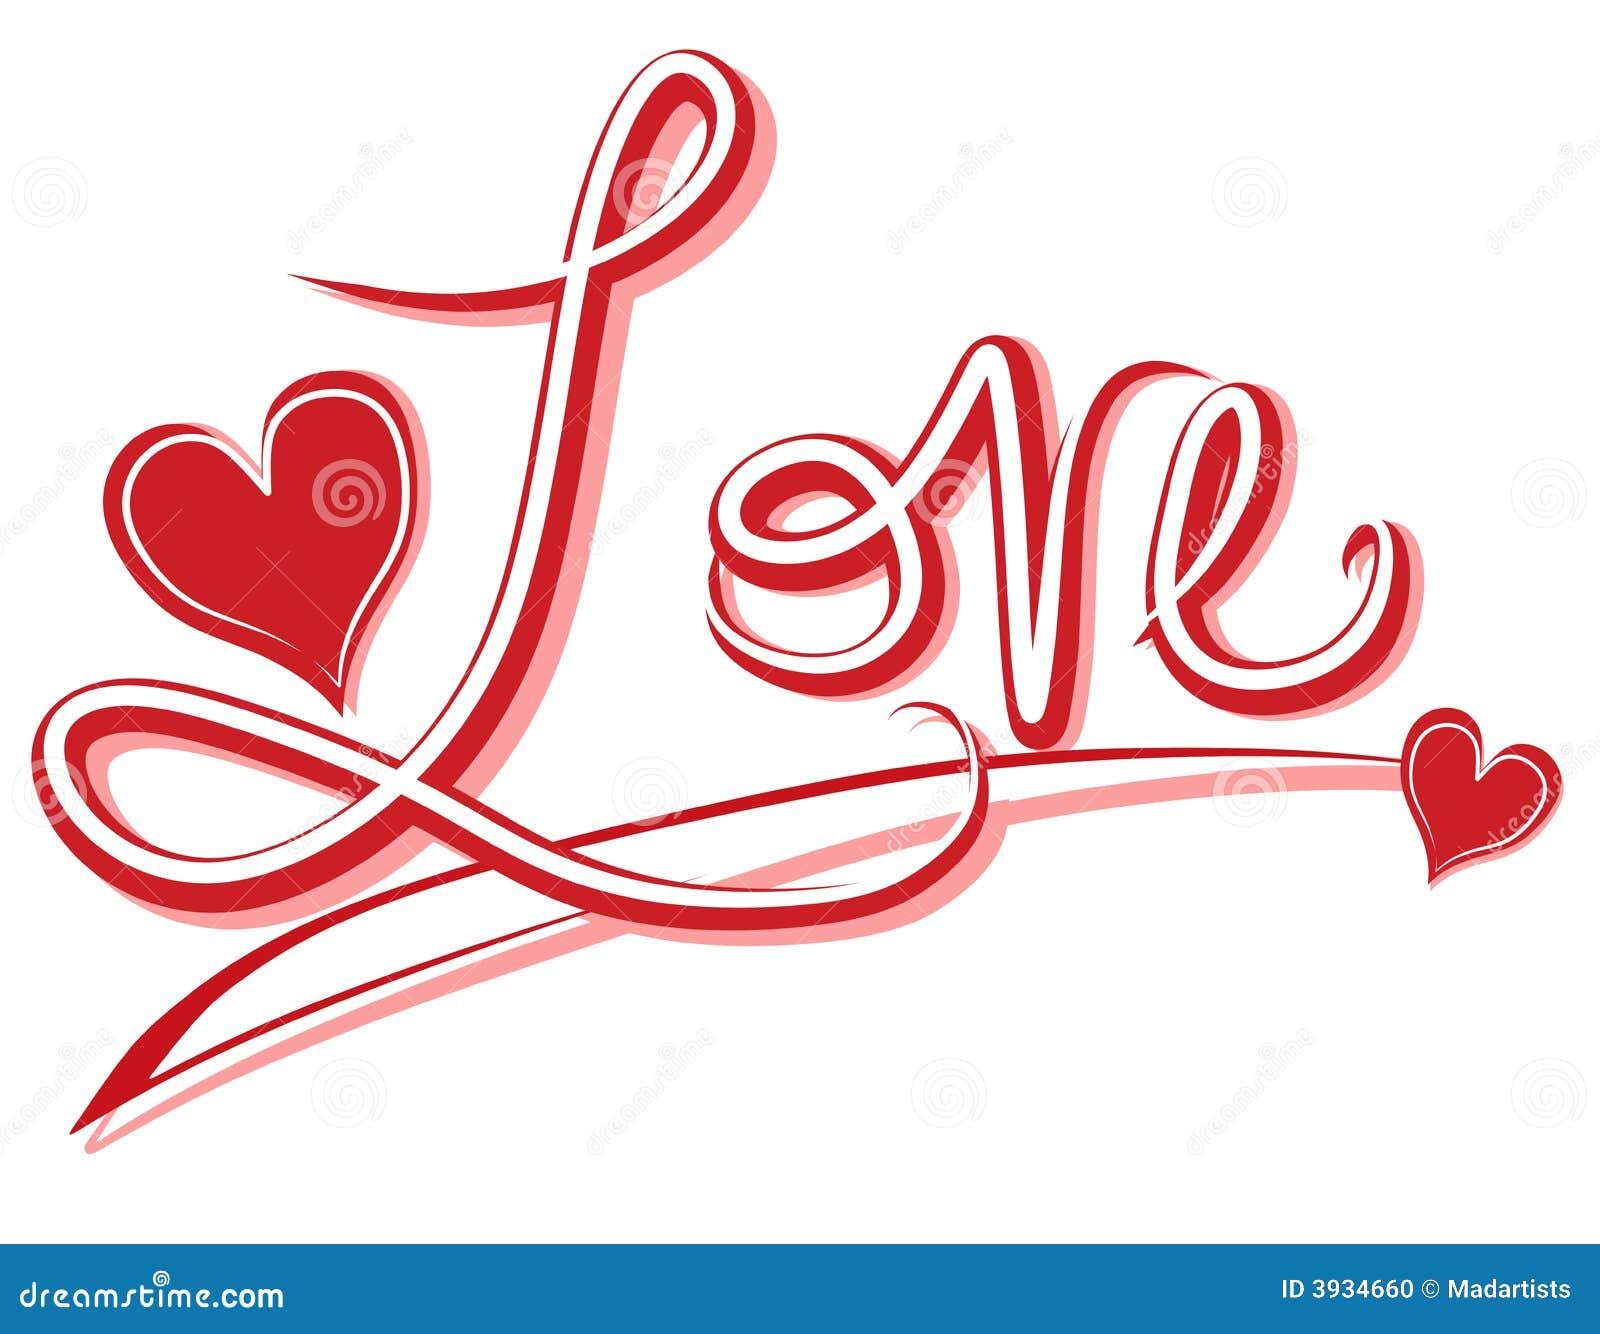 Stockfoto Handgeschriebene Liebes Fahne Oder Logo Bild Bild 3934660